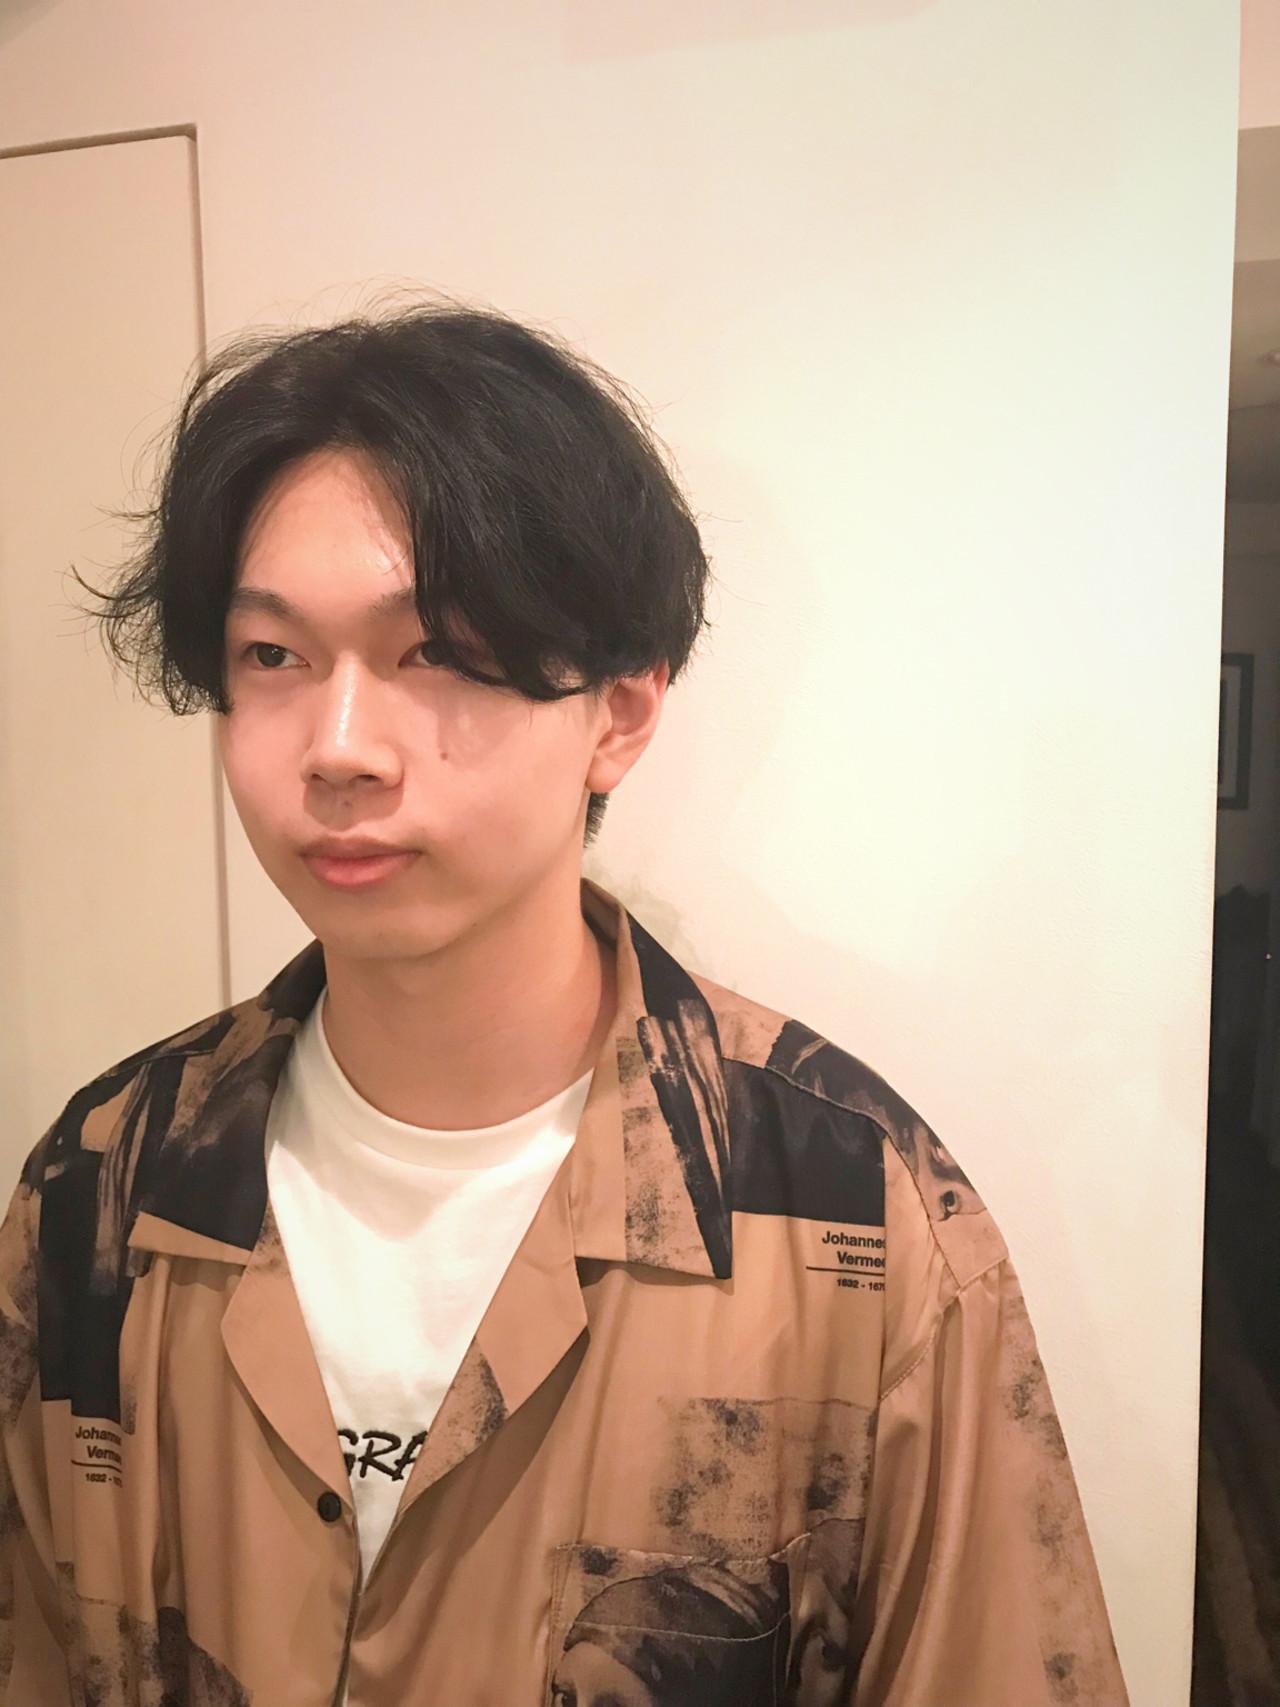 メンズ センターパート ナチュラル 黒髪 ヘアスタイルや髪型の写真・画像